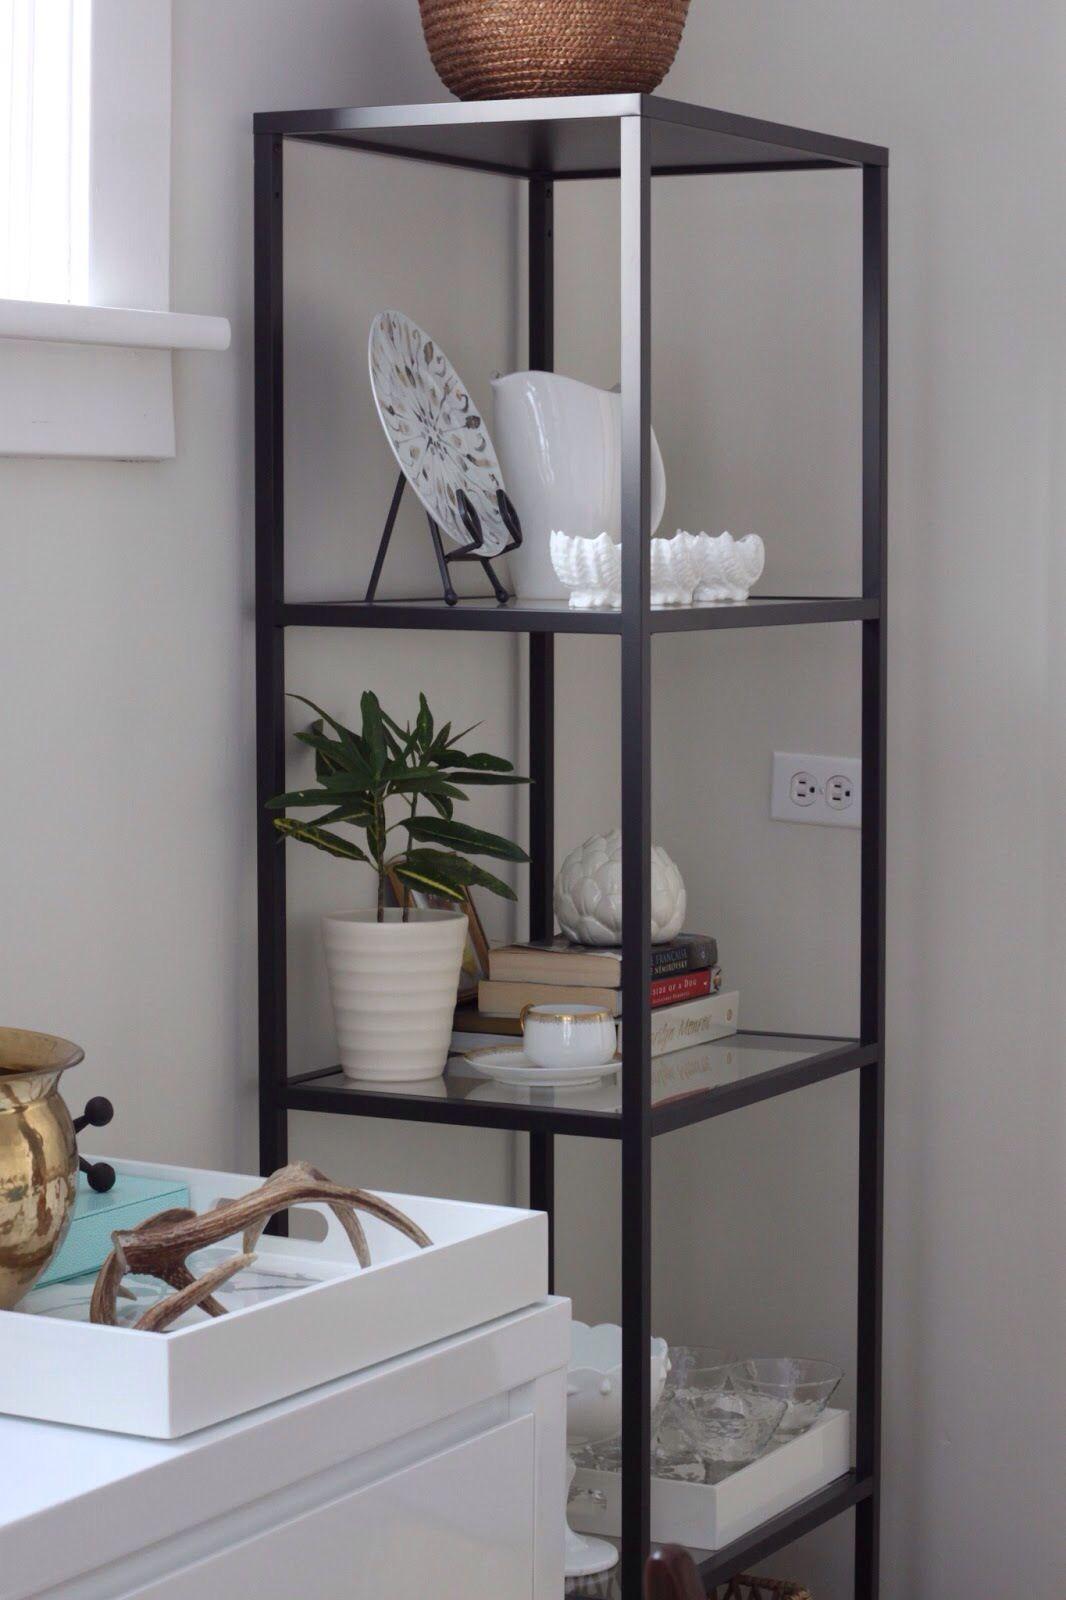 vittsjo homey in 2019 ikea shelves ikea vittsjo ikea. Black Bedroom Furniture Sets. Home Design Ideas